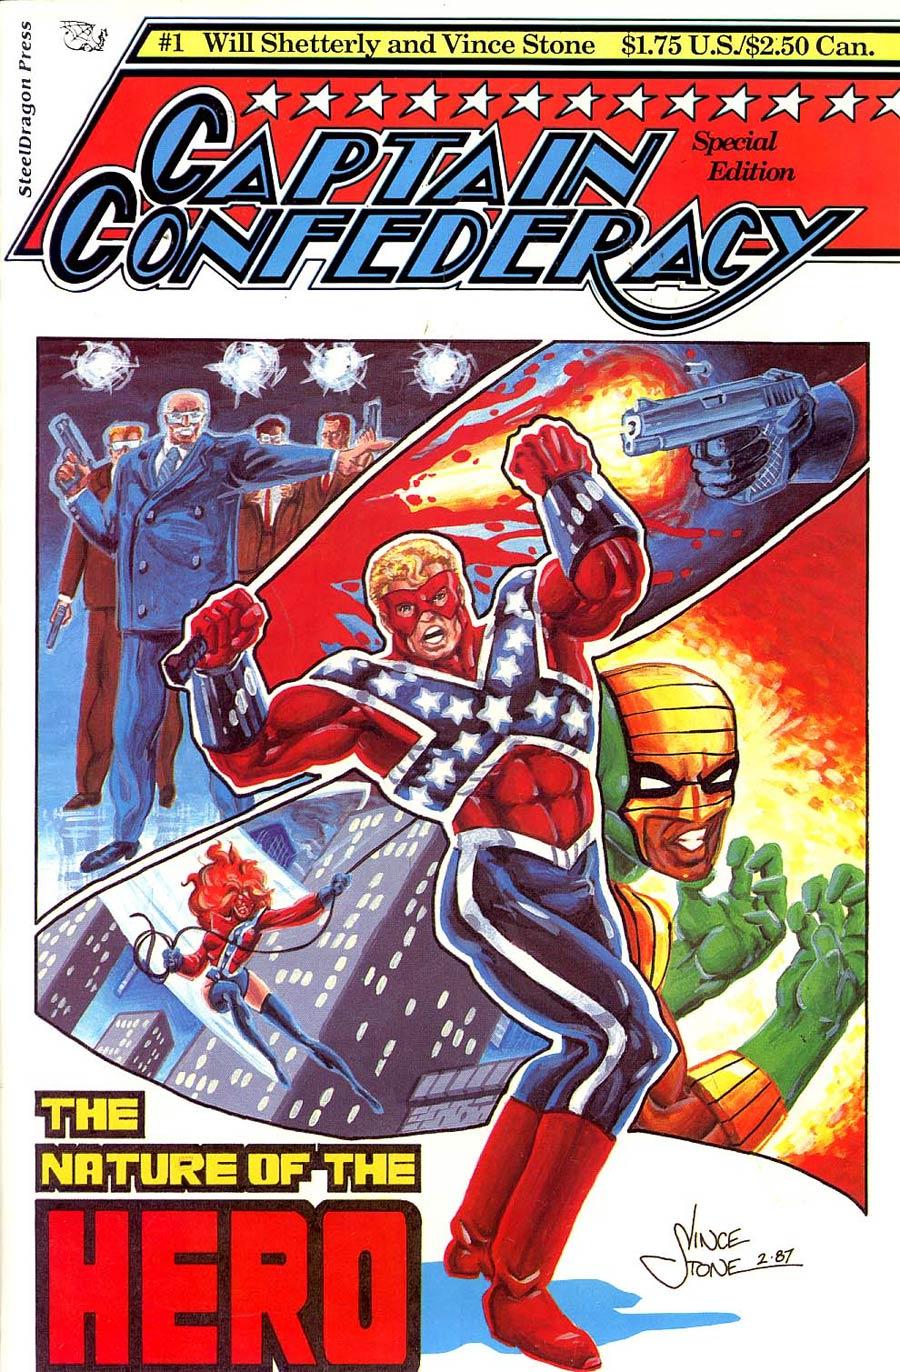 Captain Confederacy Special Edition #1